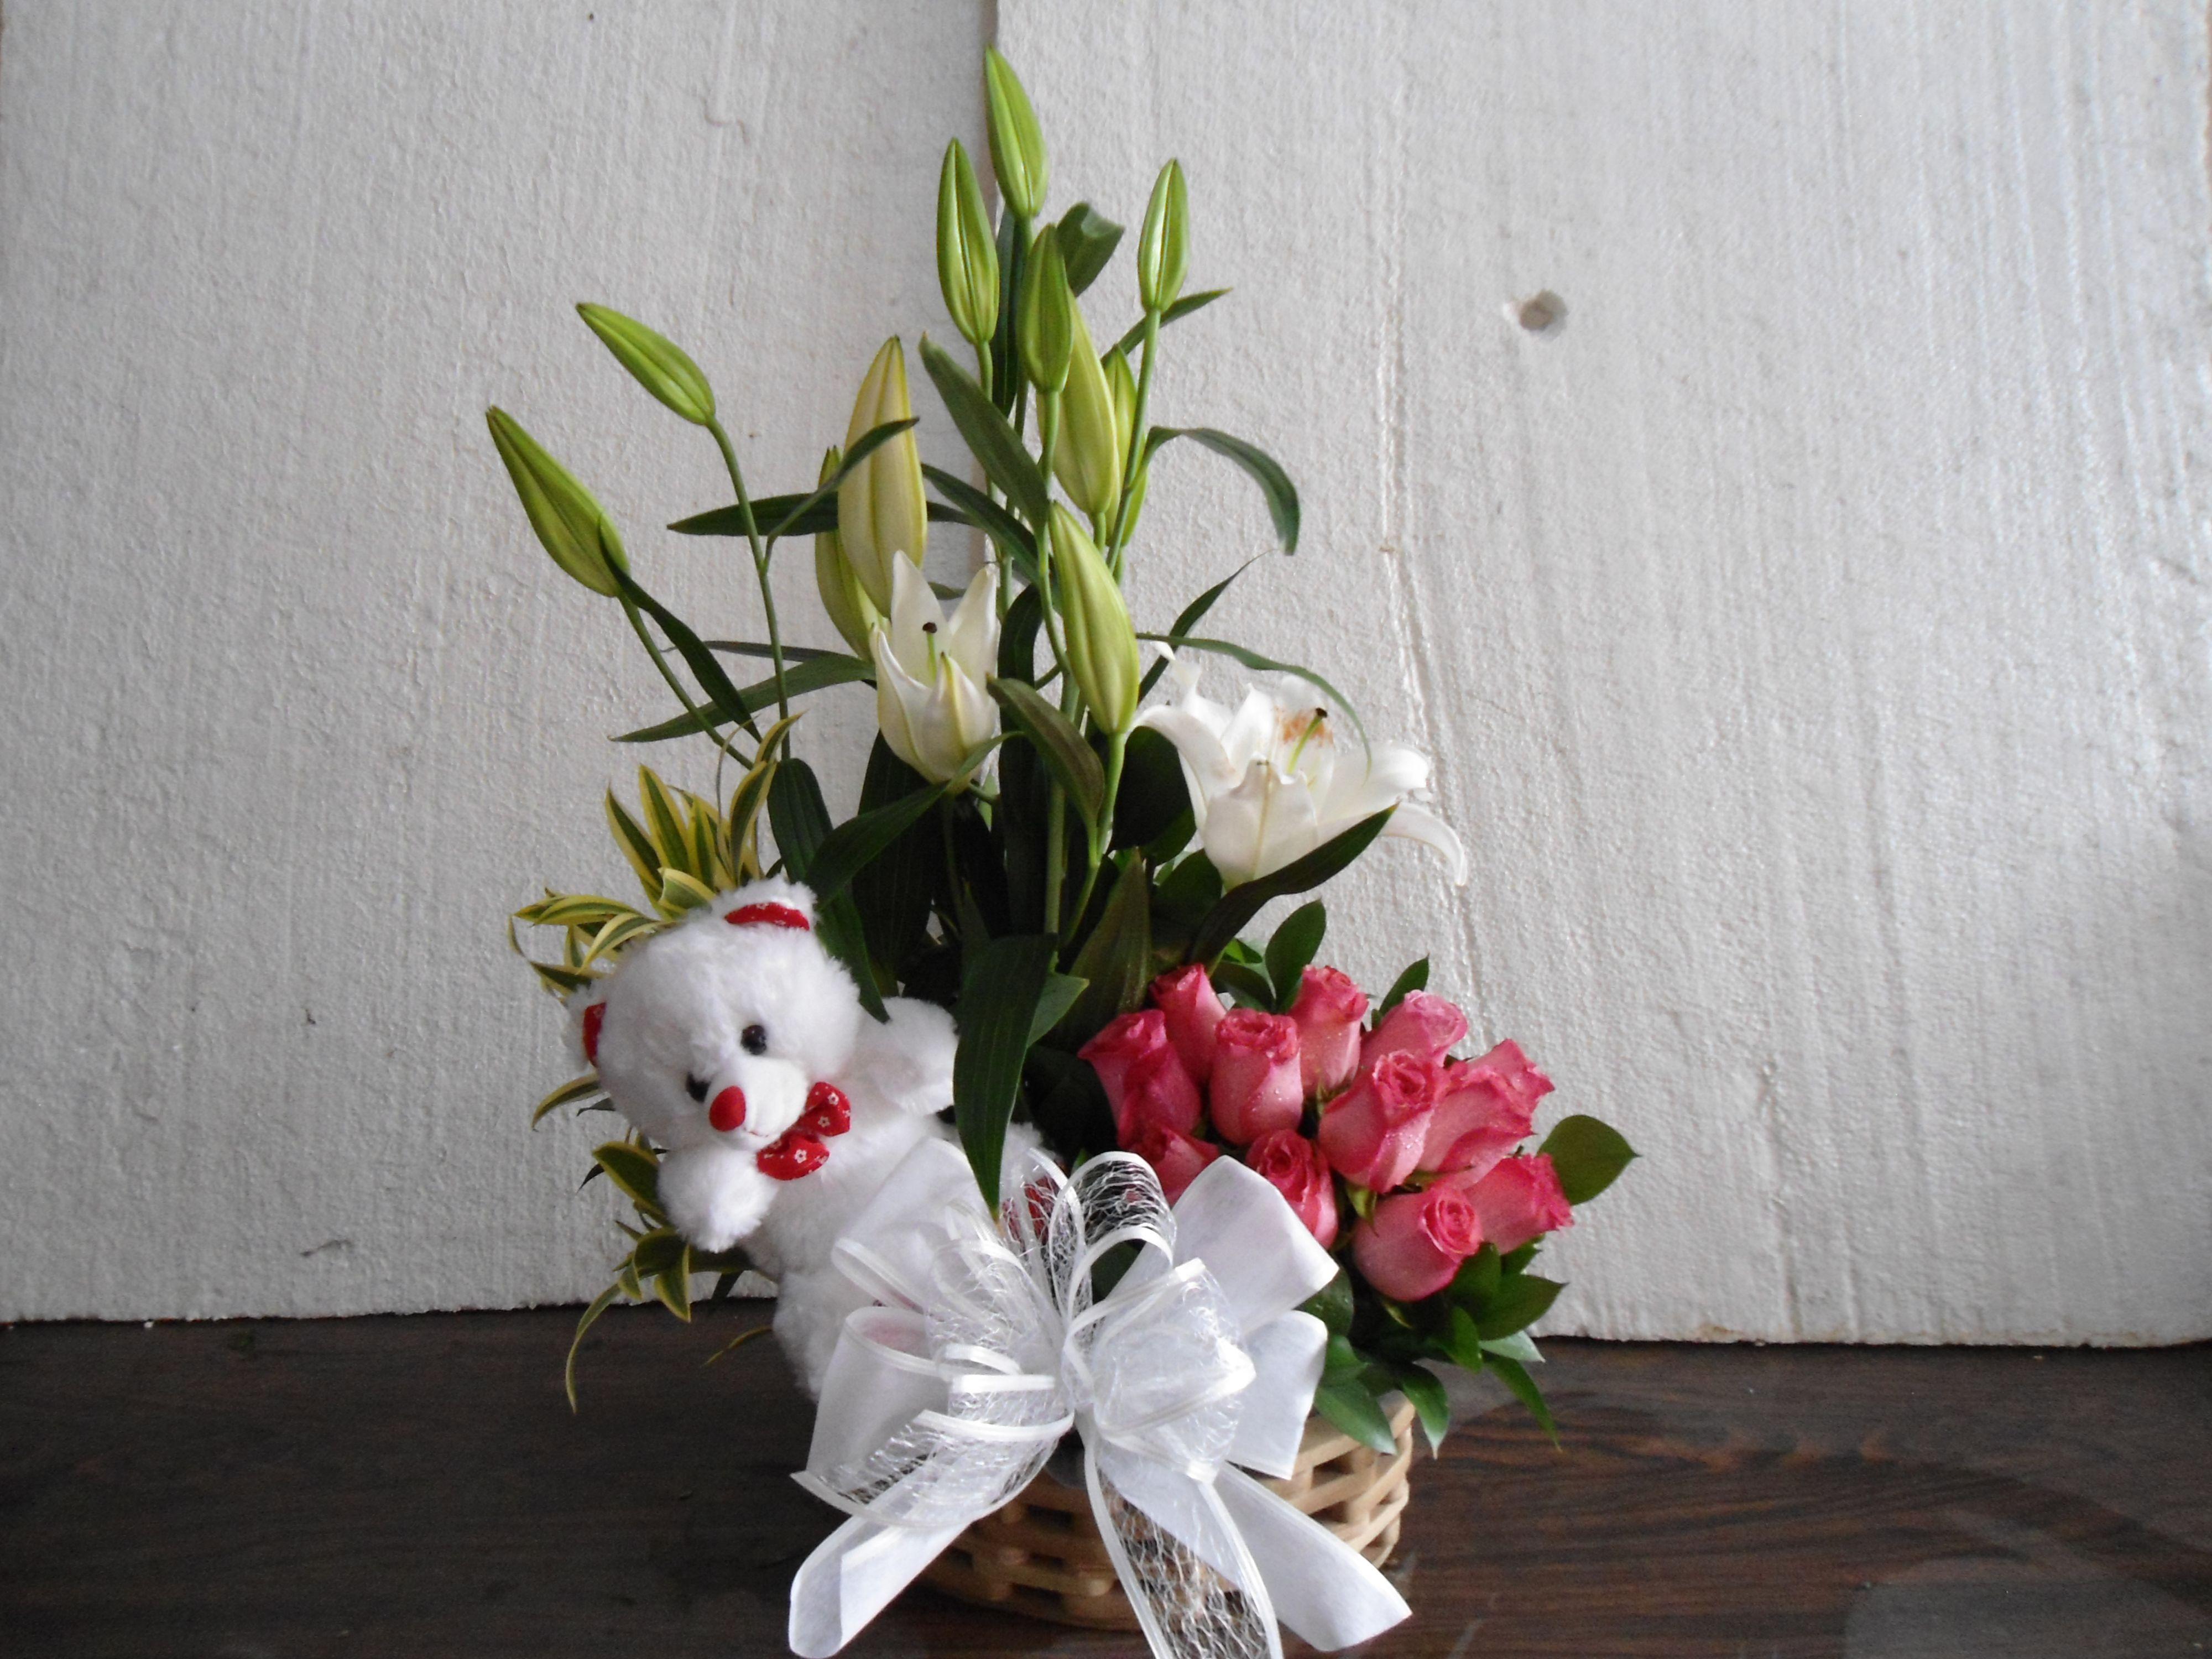 Floristeria los frutales. bucaramanga. Arreglo con flores, muñeco. ingresa a nuestro catálago de productos. www.floristerialosfrutales.jimdo.com